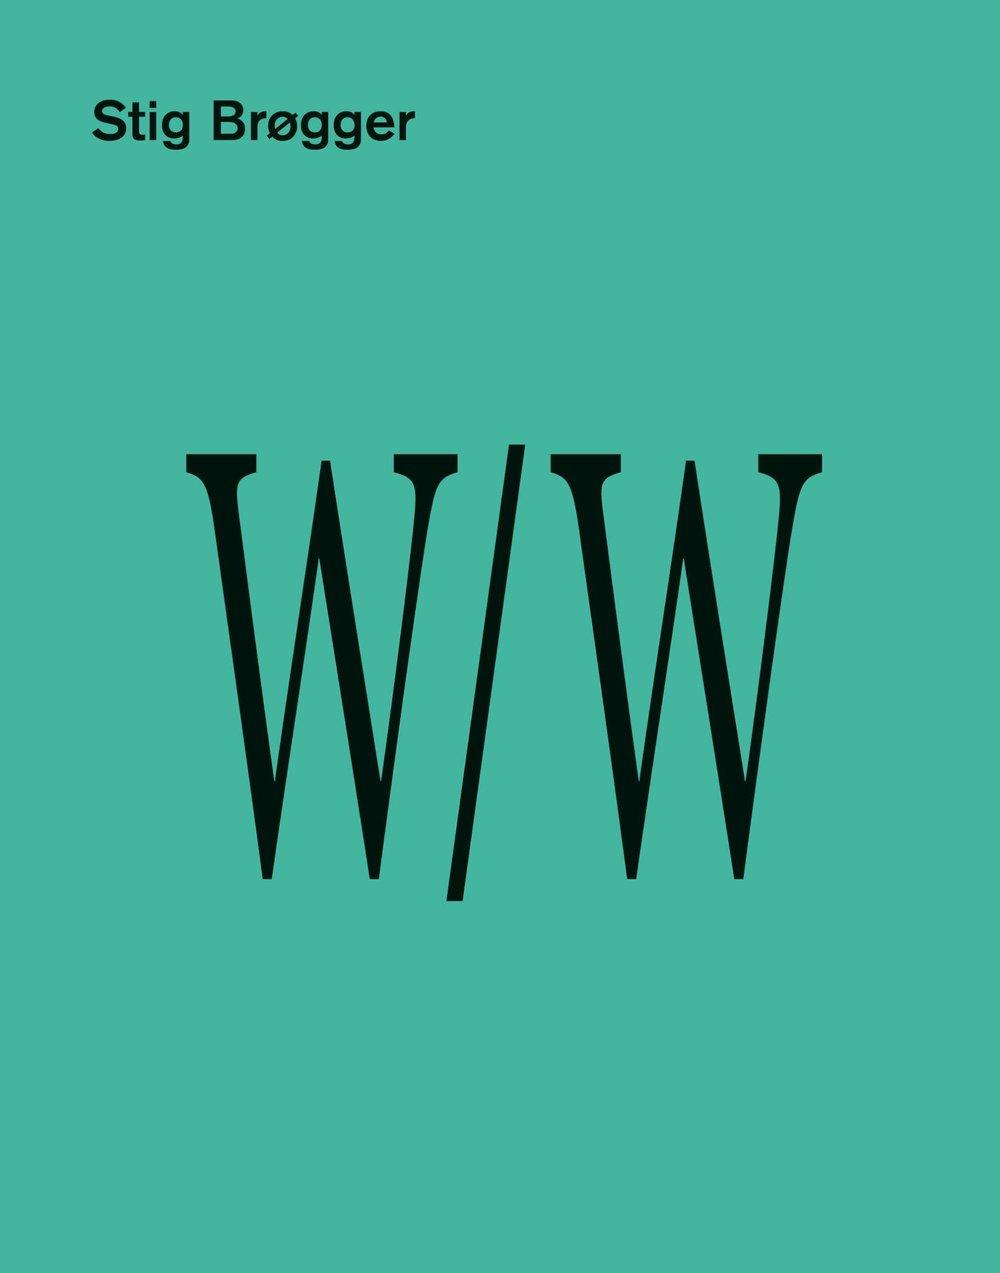 W-W.jpg